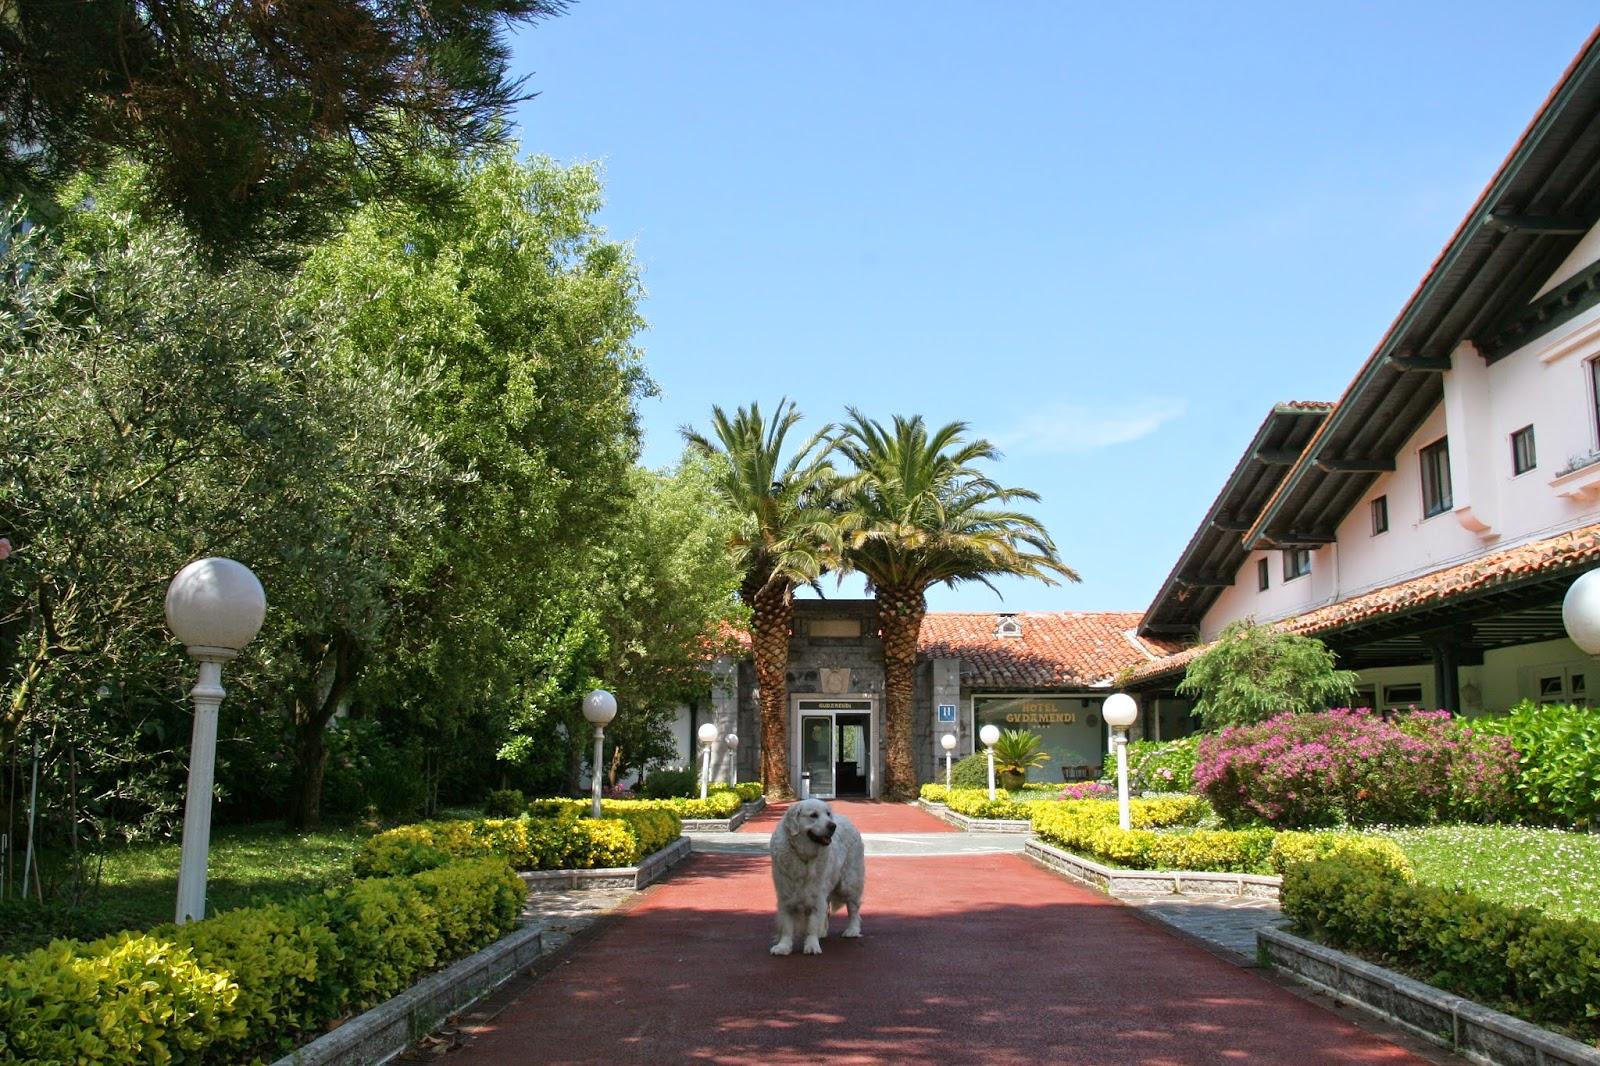 Hotel gudamendi igueldo san sebasti n viajes con mi perro for Hoteles con piscina en san sebastian